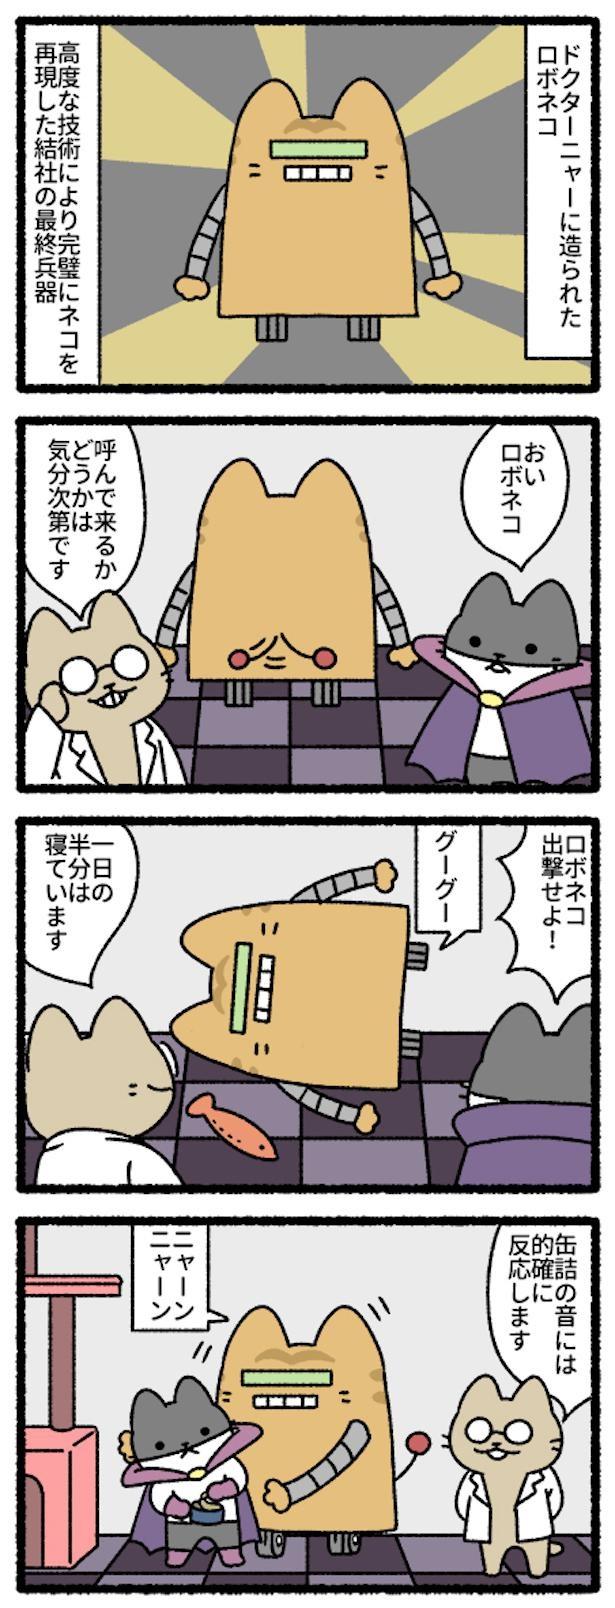 一番偉いのに言うことを聞いてもらえない総帥。でも、構成員に好かれている愛され猫